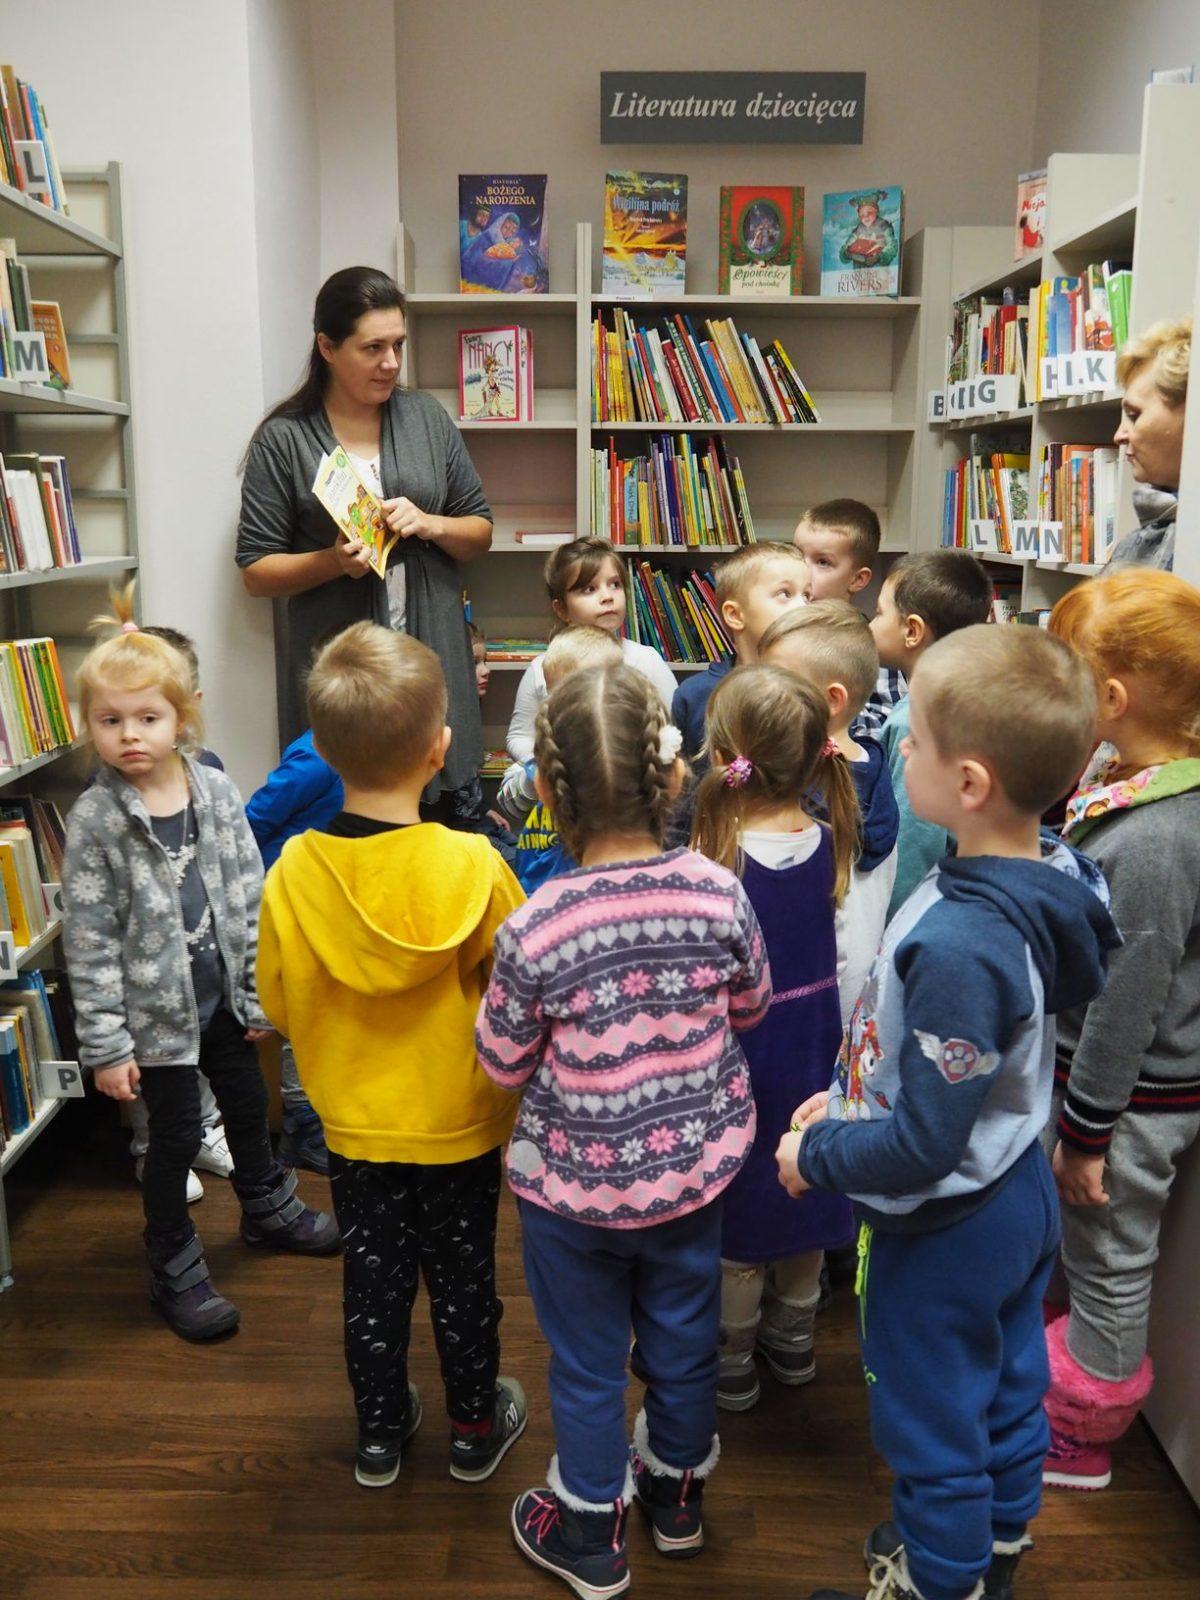 Wycieczka dzieci z grupy Niebieskiej do Miejskiej Biblioteki w Jarosławiu na osiedlu Kopernika